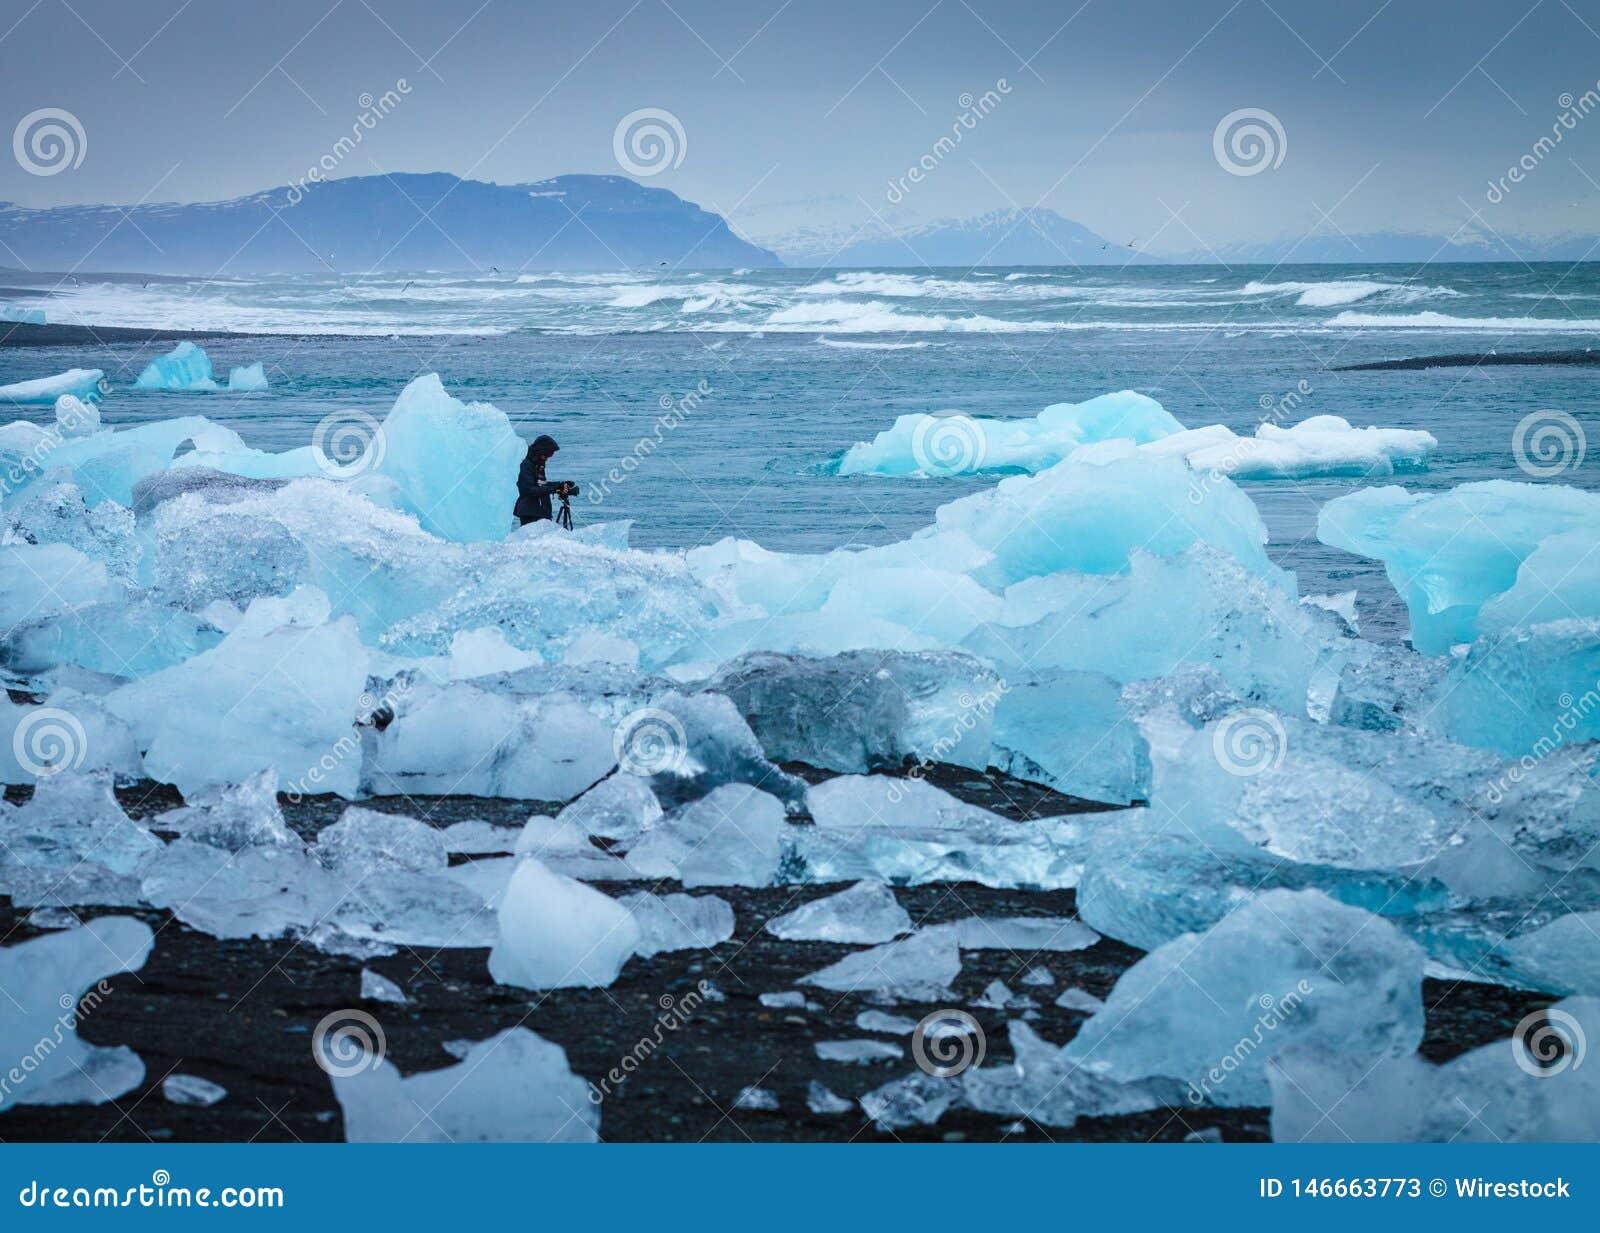 Πάγος στην ακτή με έναν φωτογράφο